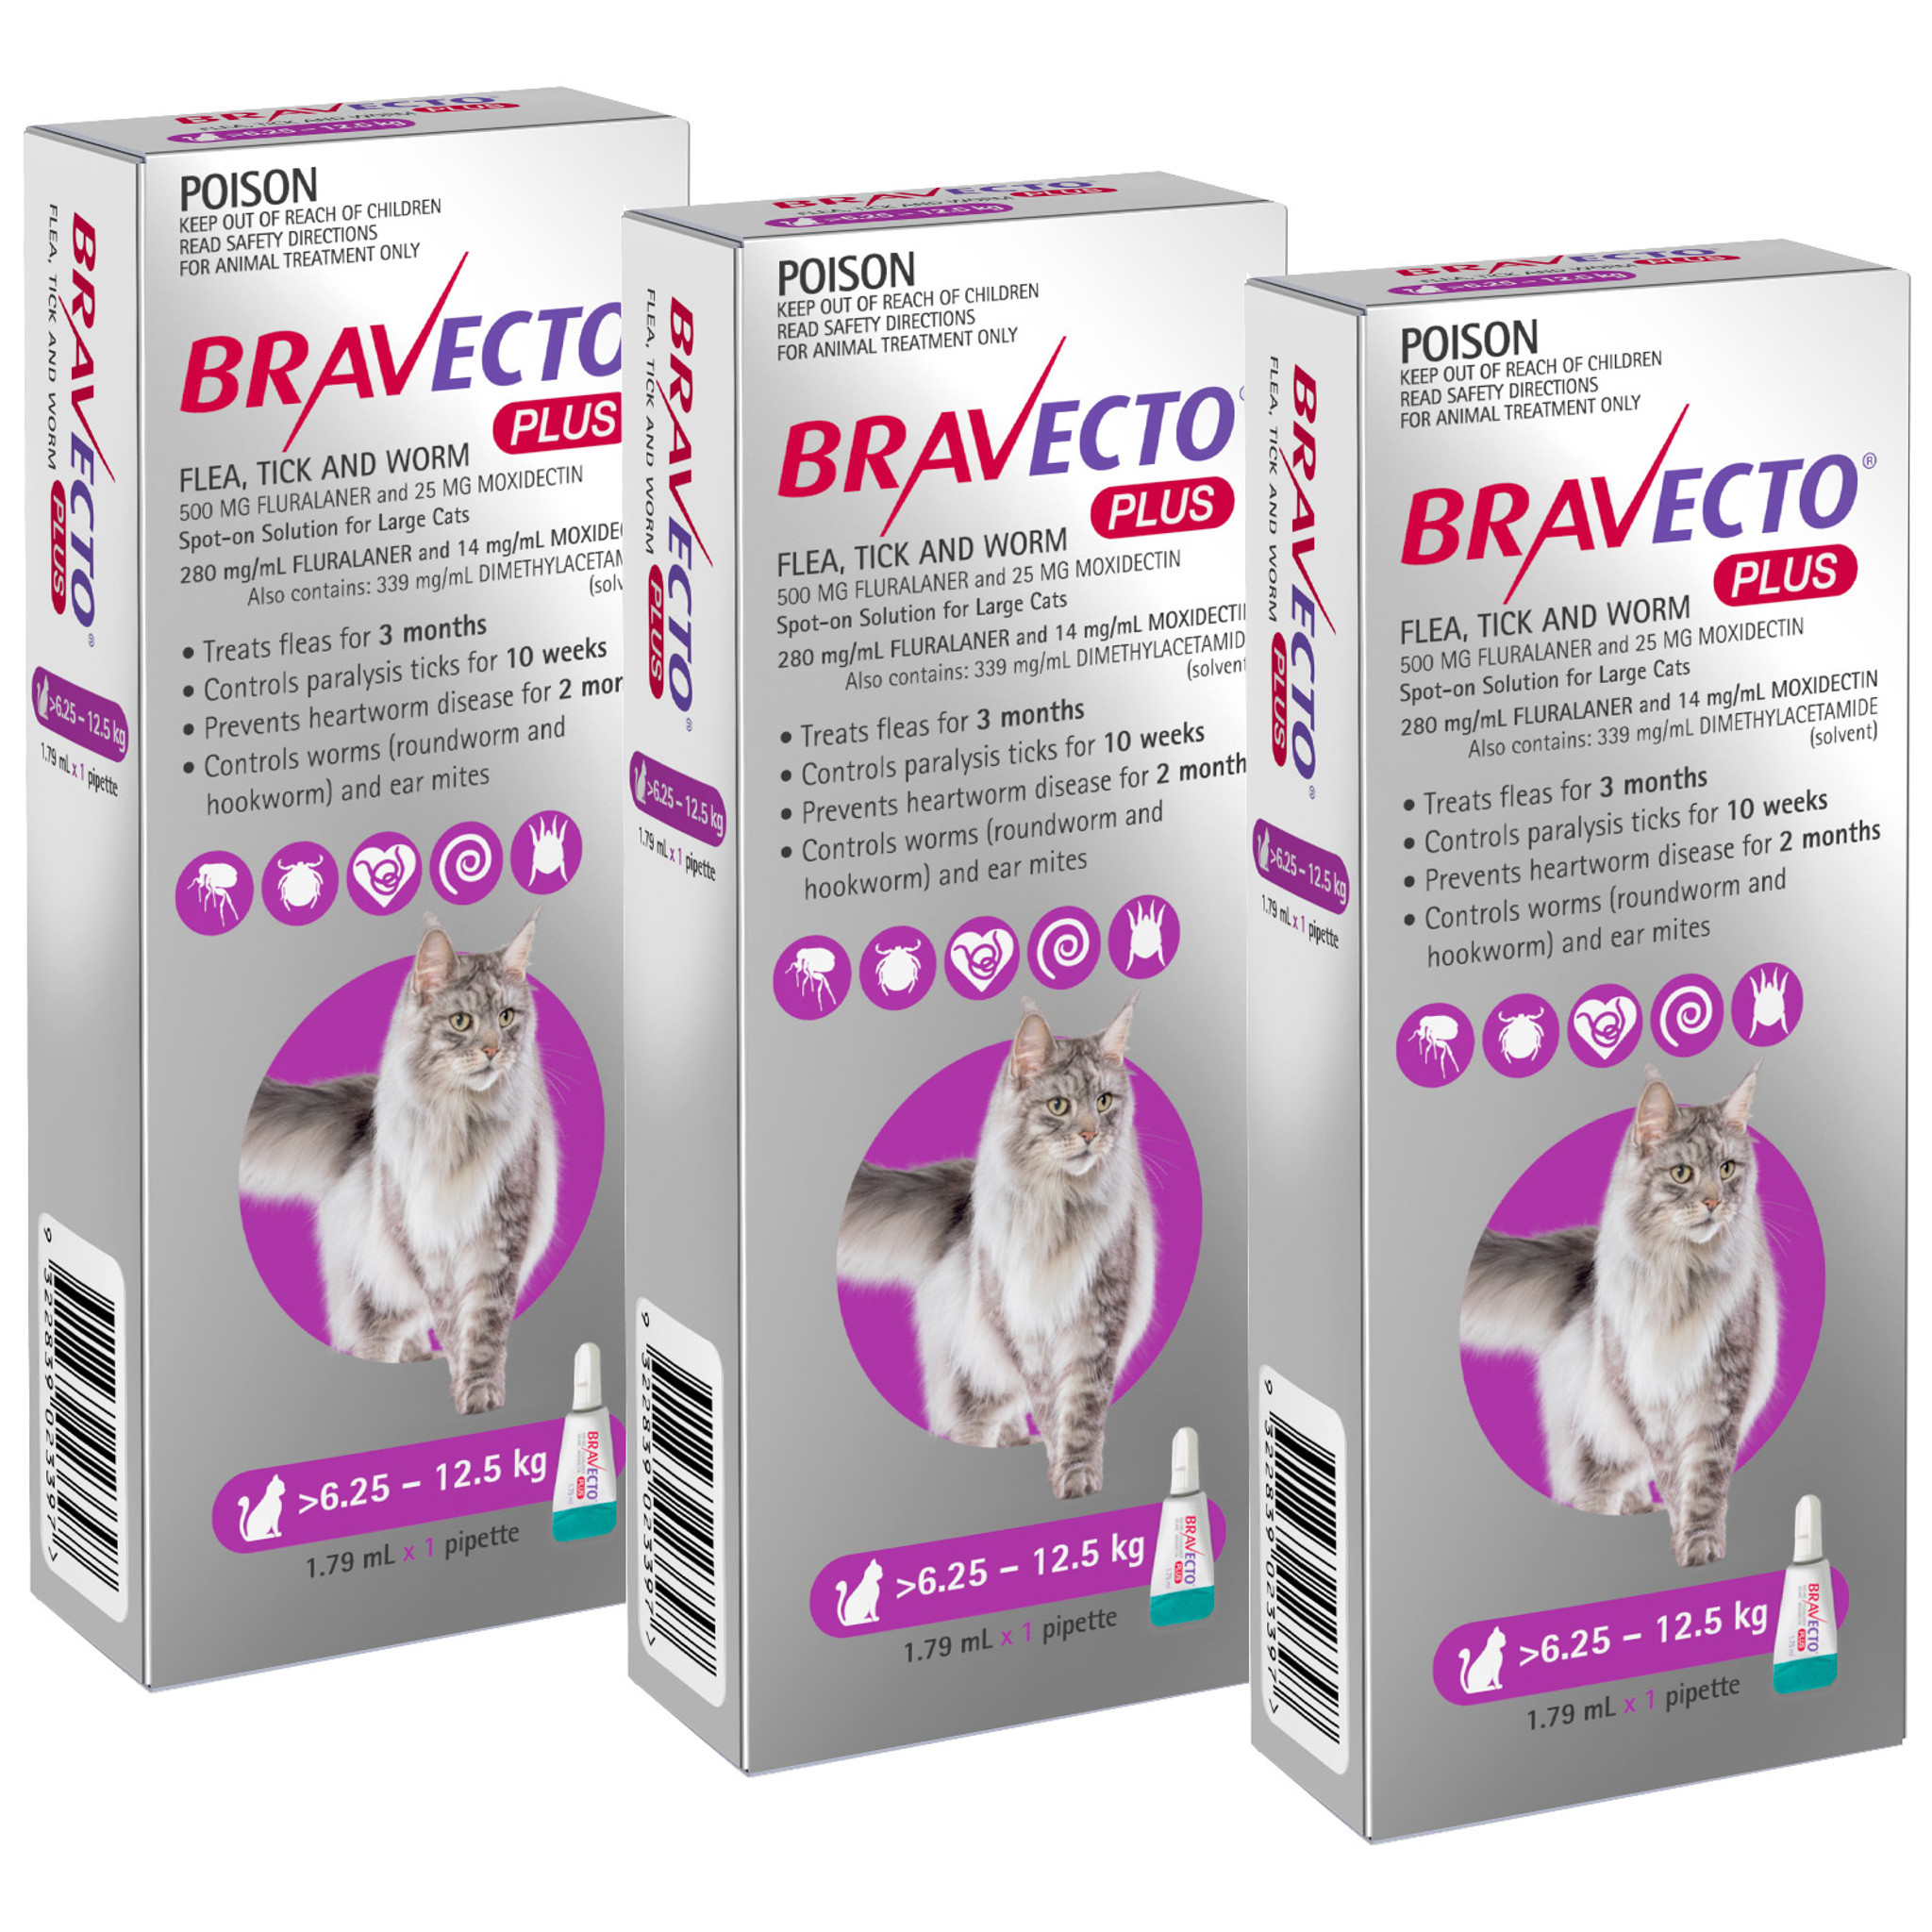 Bravecto Plus Spot On For Cats 6 25 12 5 Kg Purple 3 Doses Sierra Pet Products Australia